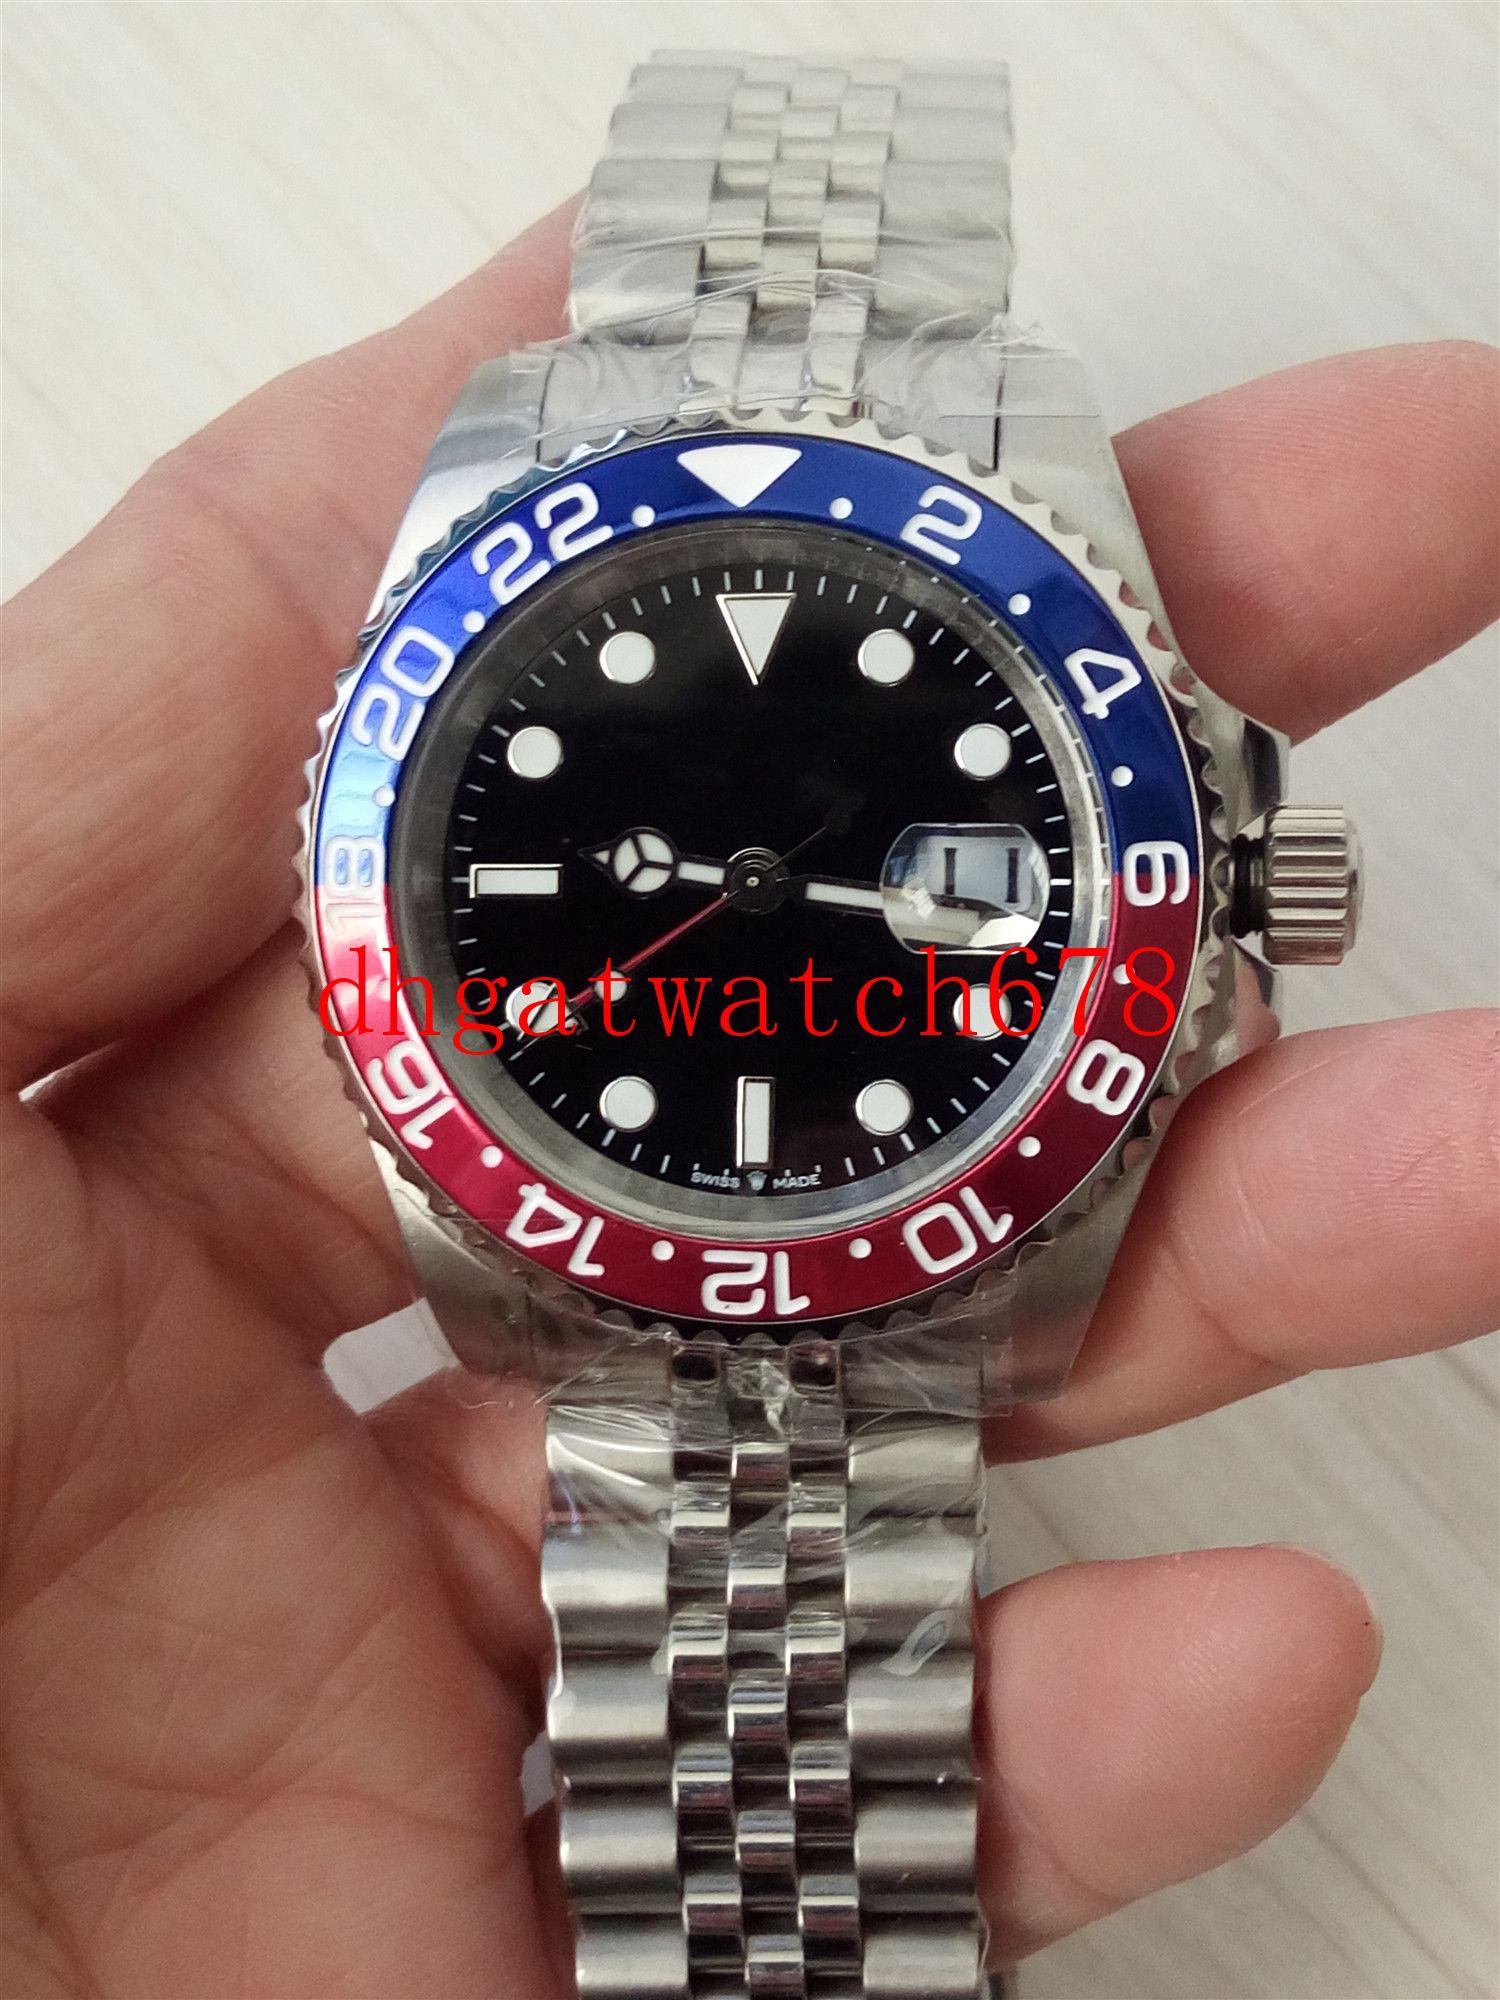 Luxus Herrenuhr 40mm rot und blauer Keramik-Lünette 126710 Edelstahl Asien 2813 Maschinen Automatik-Uhrwerk Herrenuhr